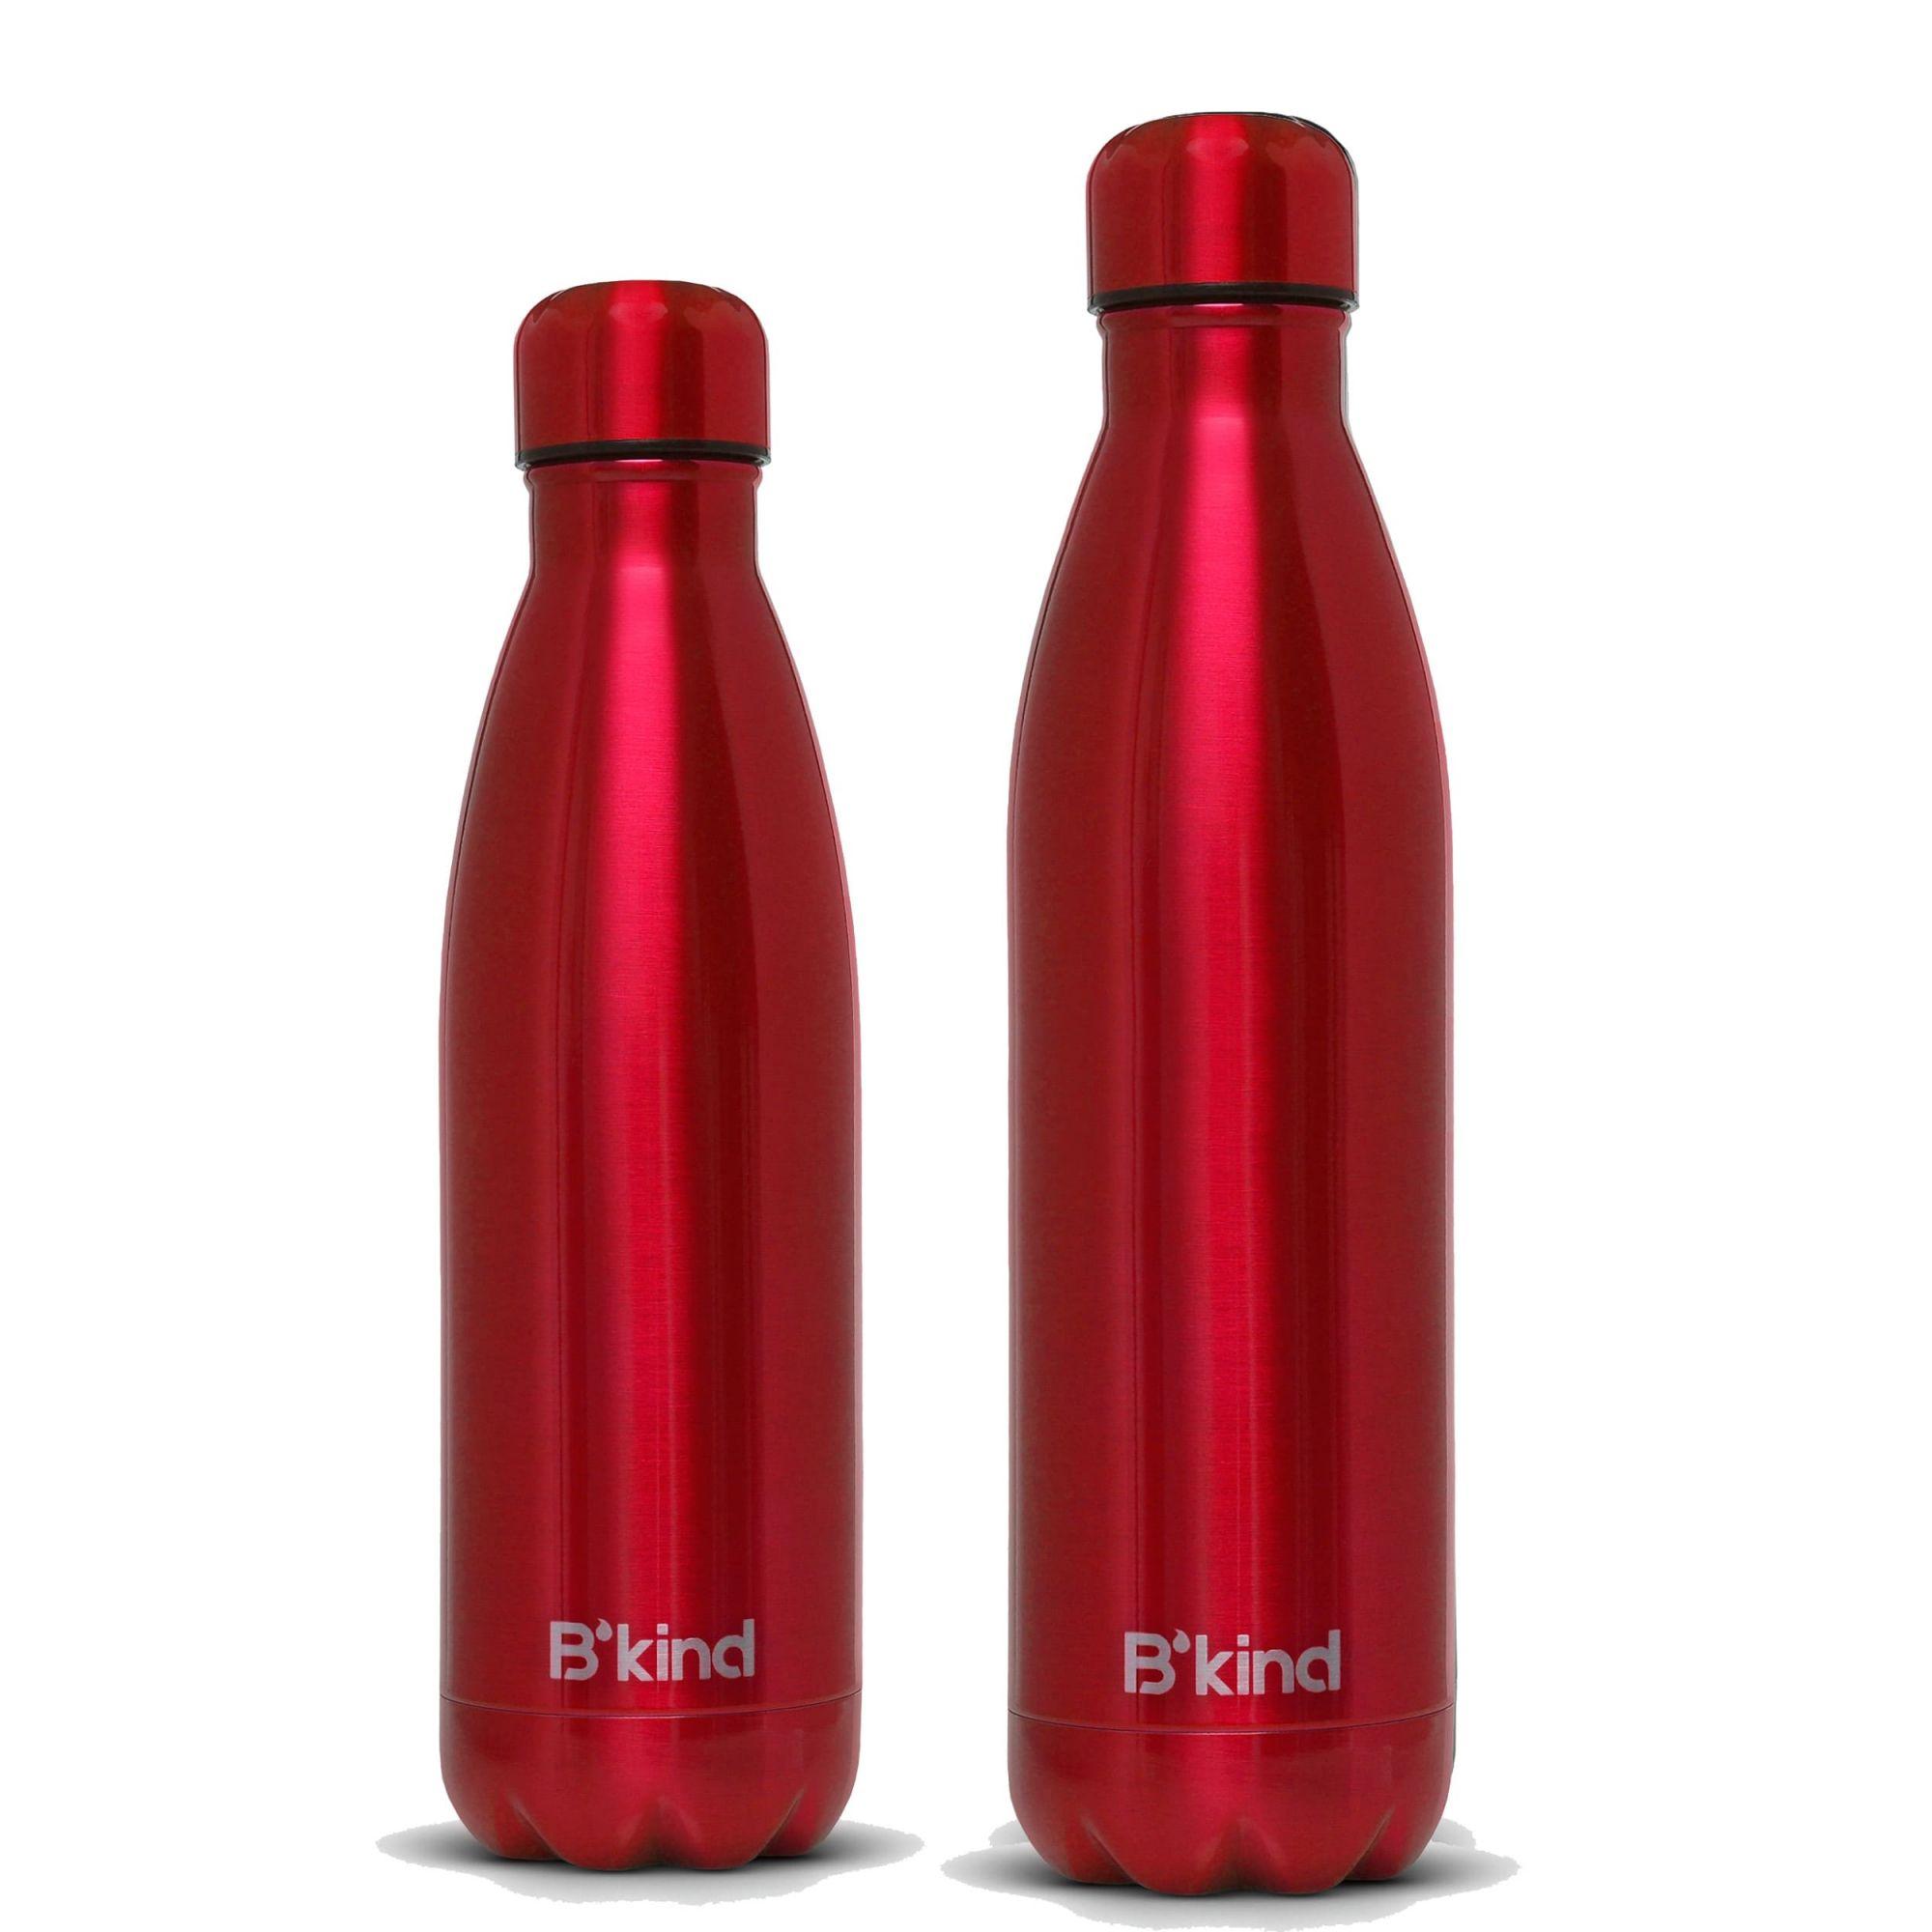 Garrafa Térmica B'kind All Red 500ml + 750ml